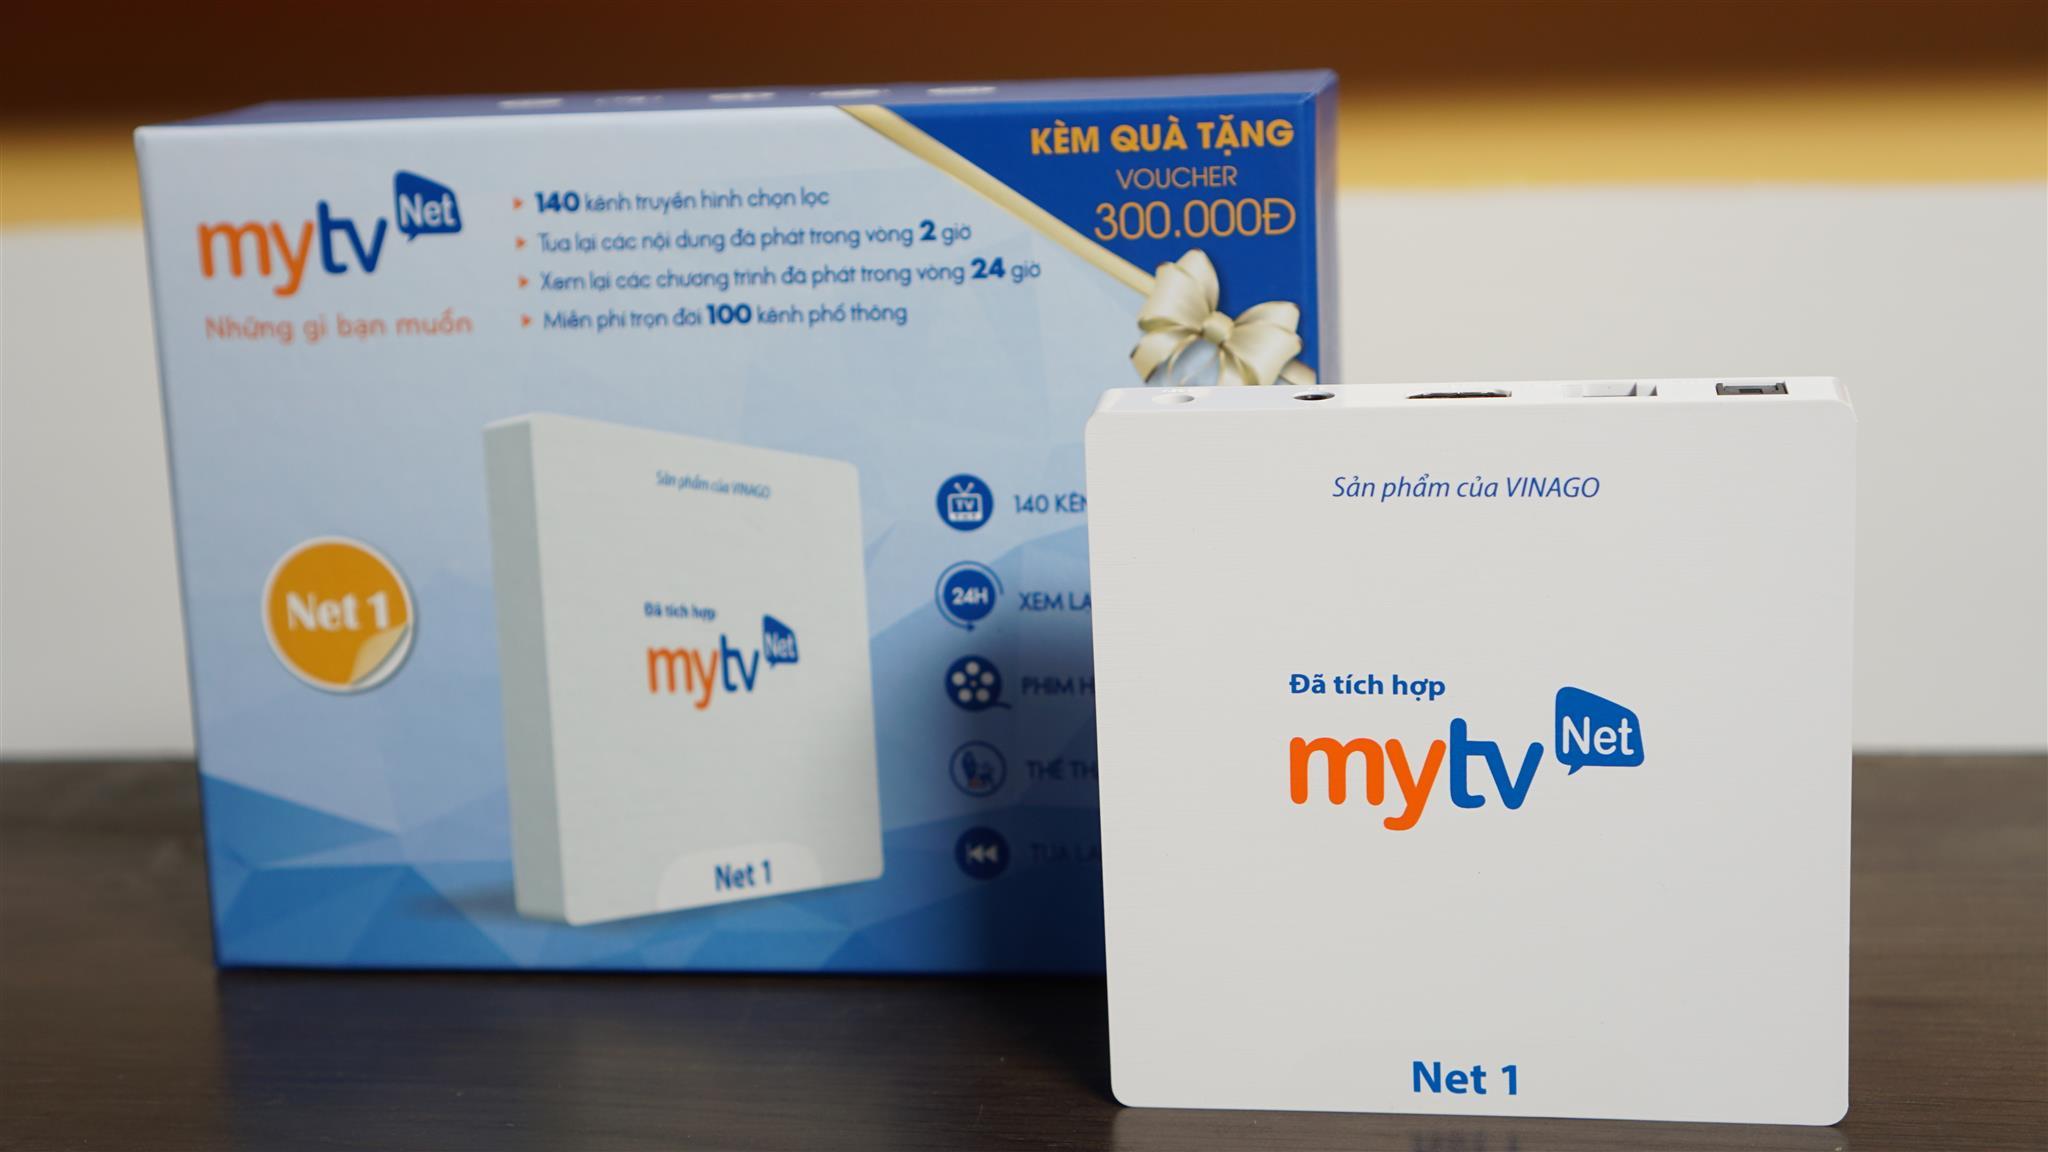 Báo Điện Tử Của VNPT VNMEDIA Đánh Giá TV Box MYTVNet Net 1